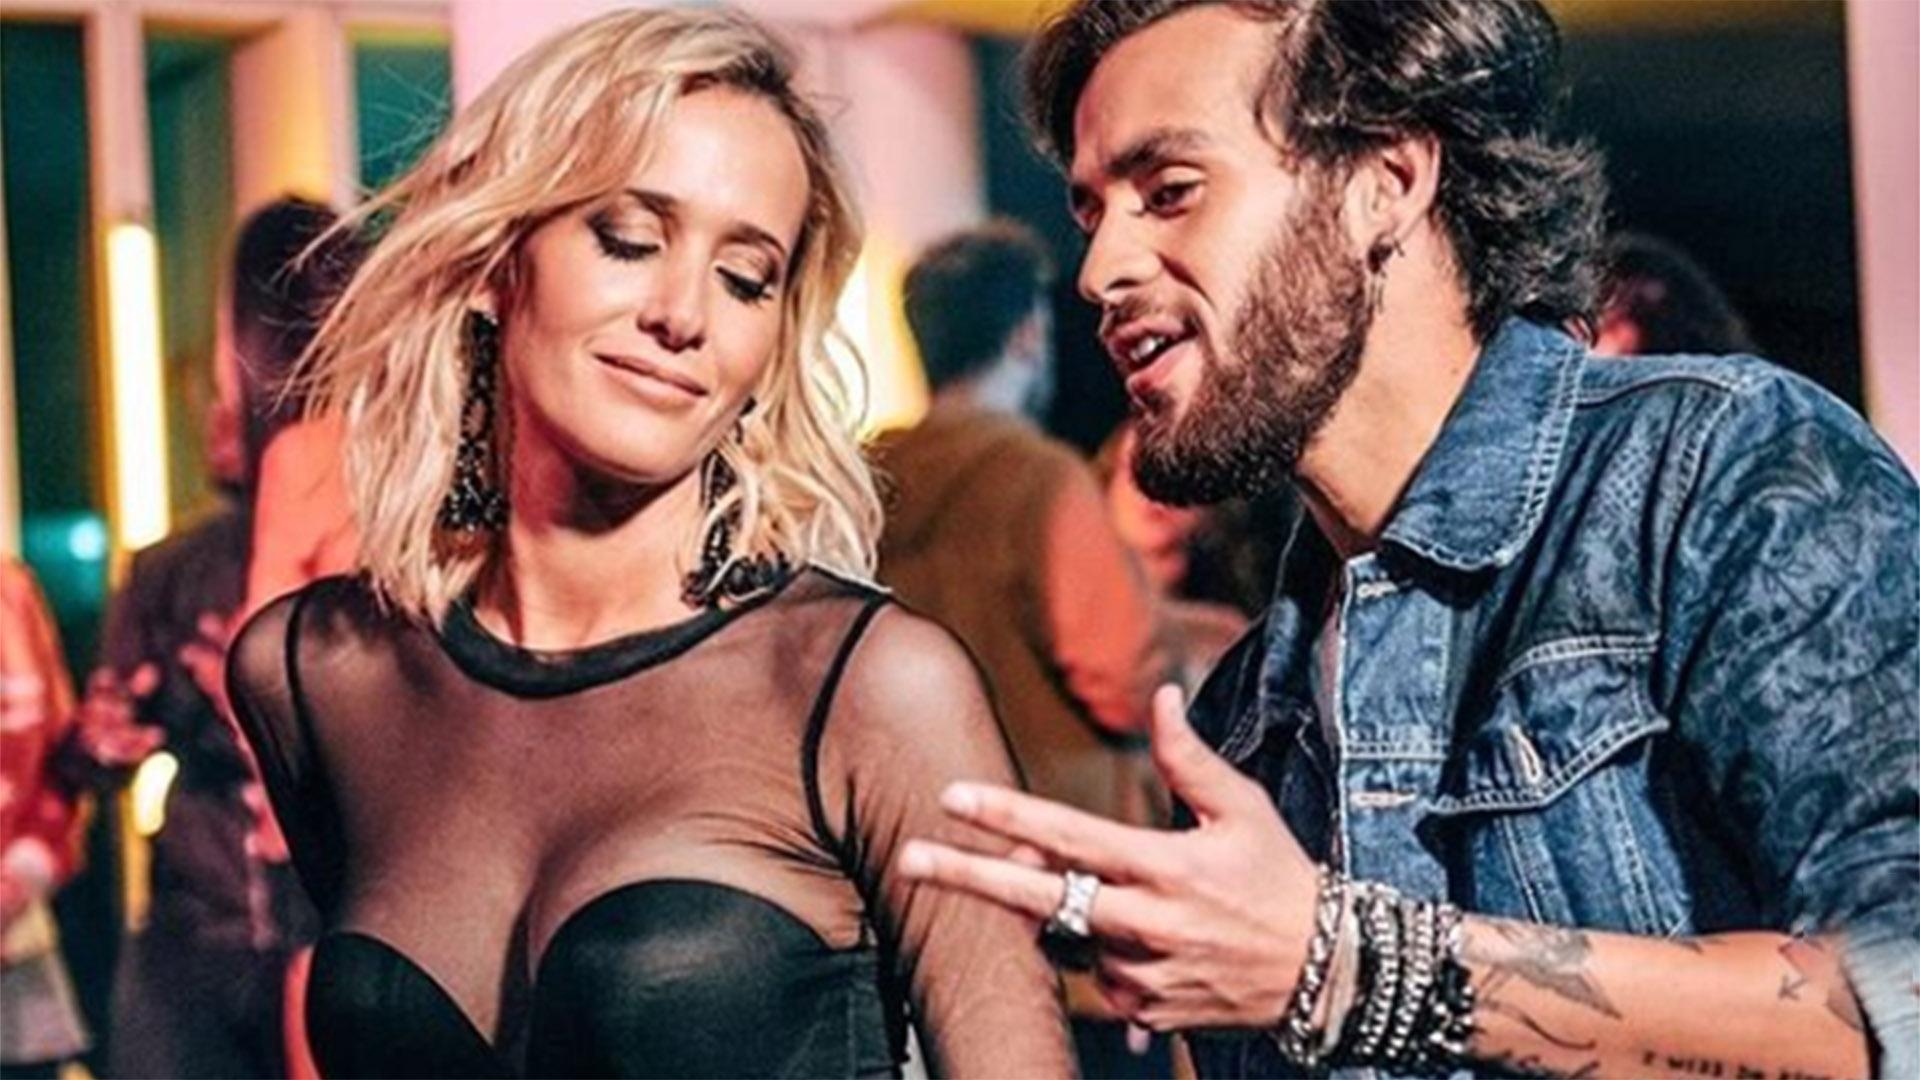 Somos novios: Julieta Prandi con Matías Zanuzzi, a quien acaba de presentar como su pareja. Es músico y tiene 21 años, 17 menos que ella (Foto: Instagram)